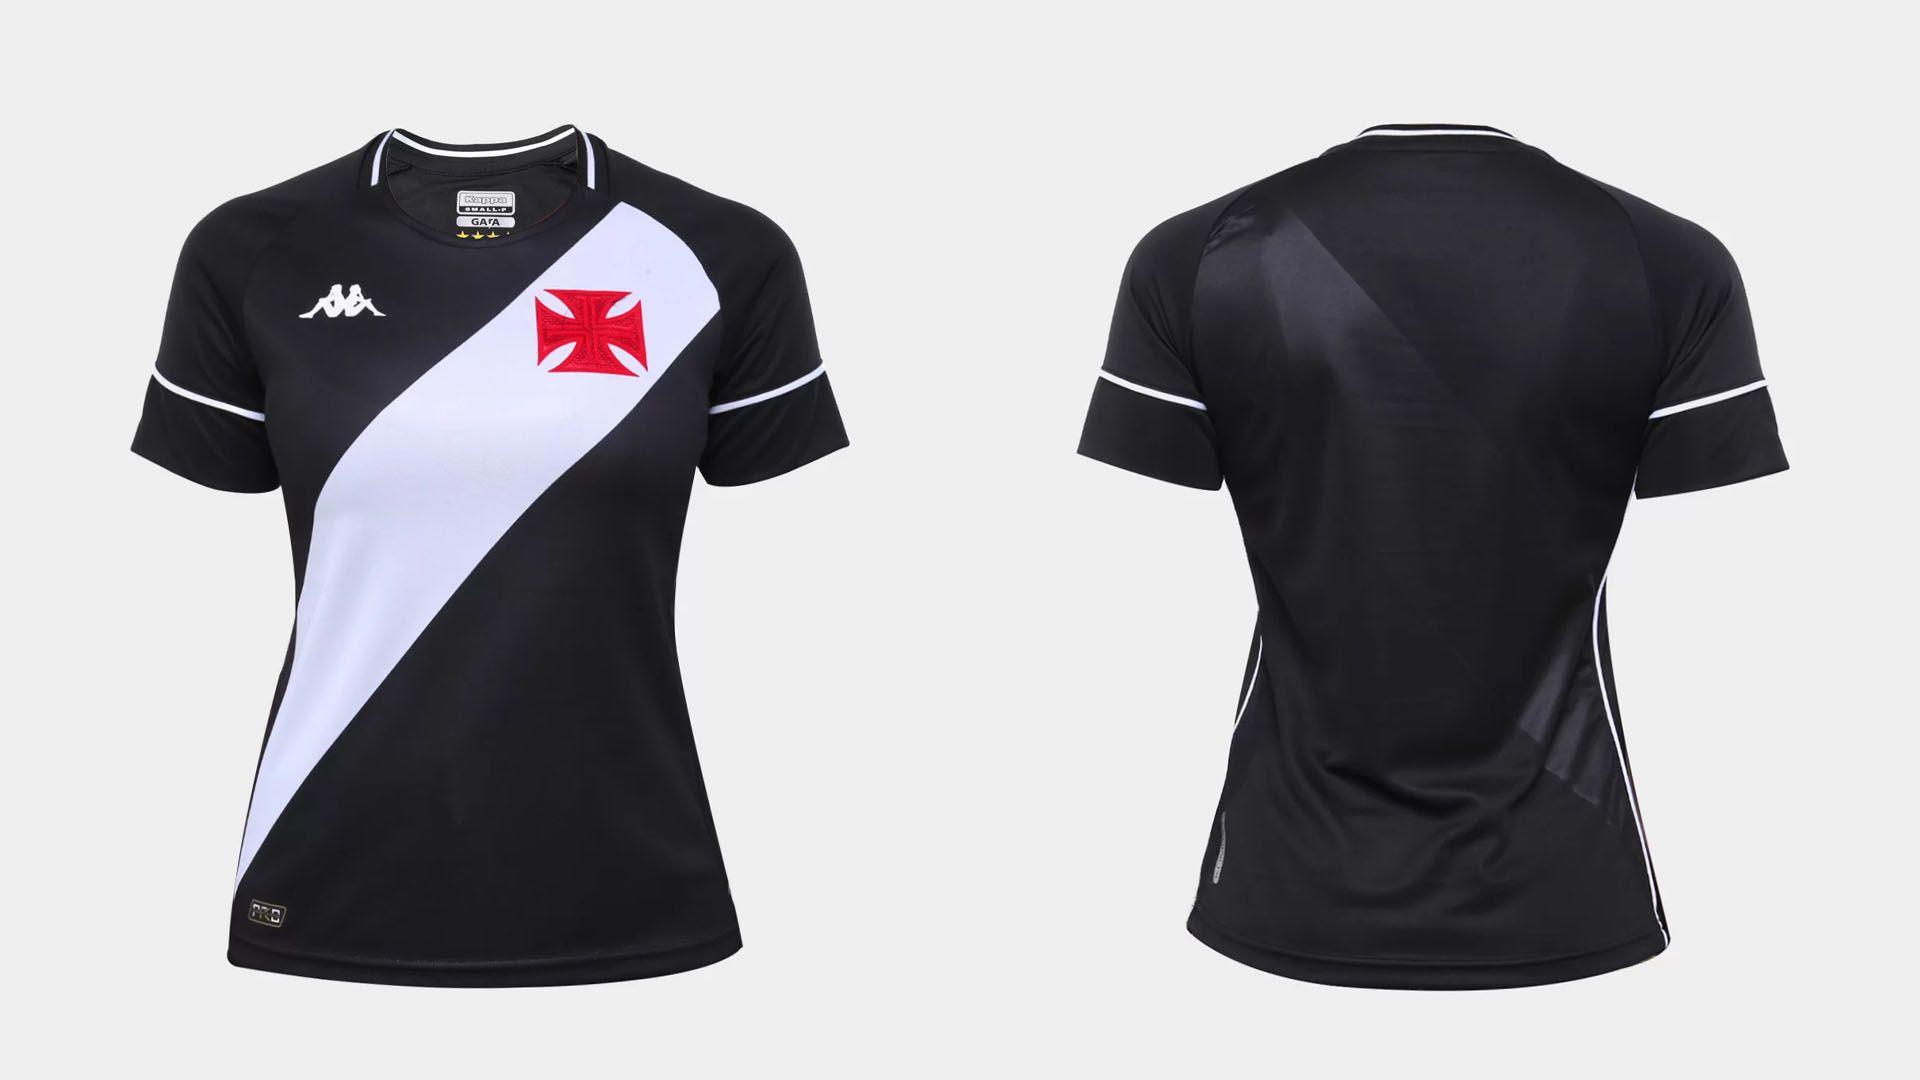 Camisa do Vasco Feminina 2020 Kappa Jogo 1 (Imagem: Divulgação/Kappa)